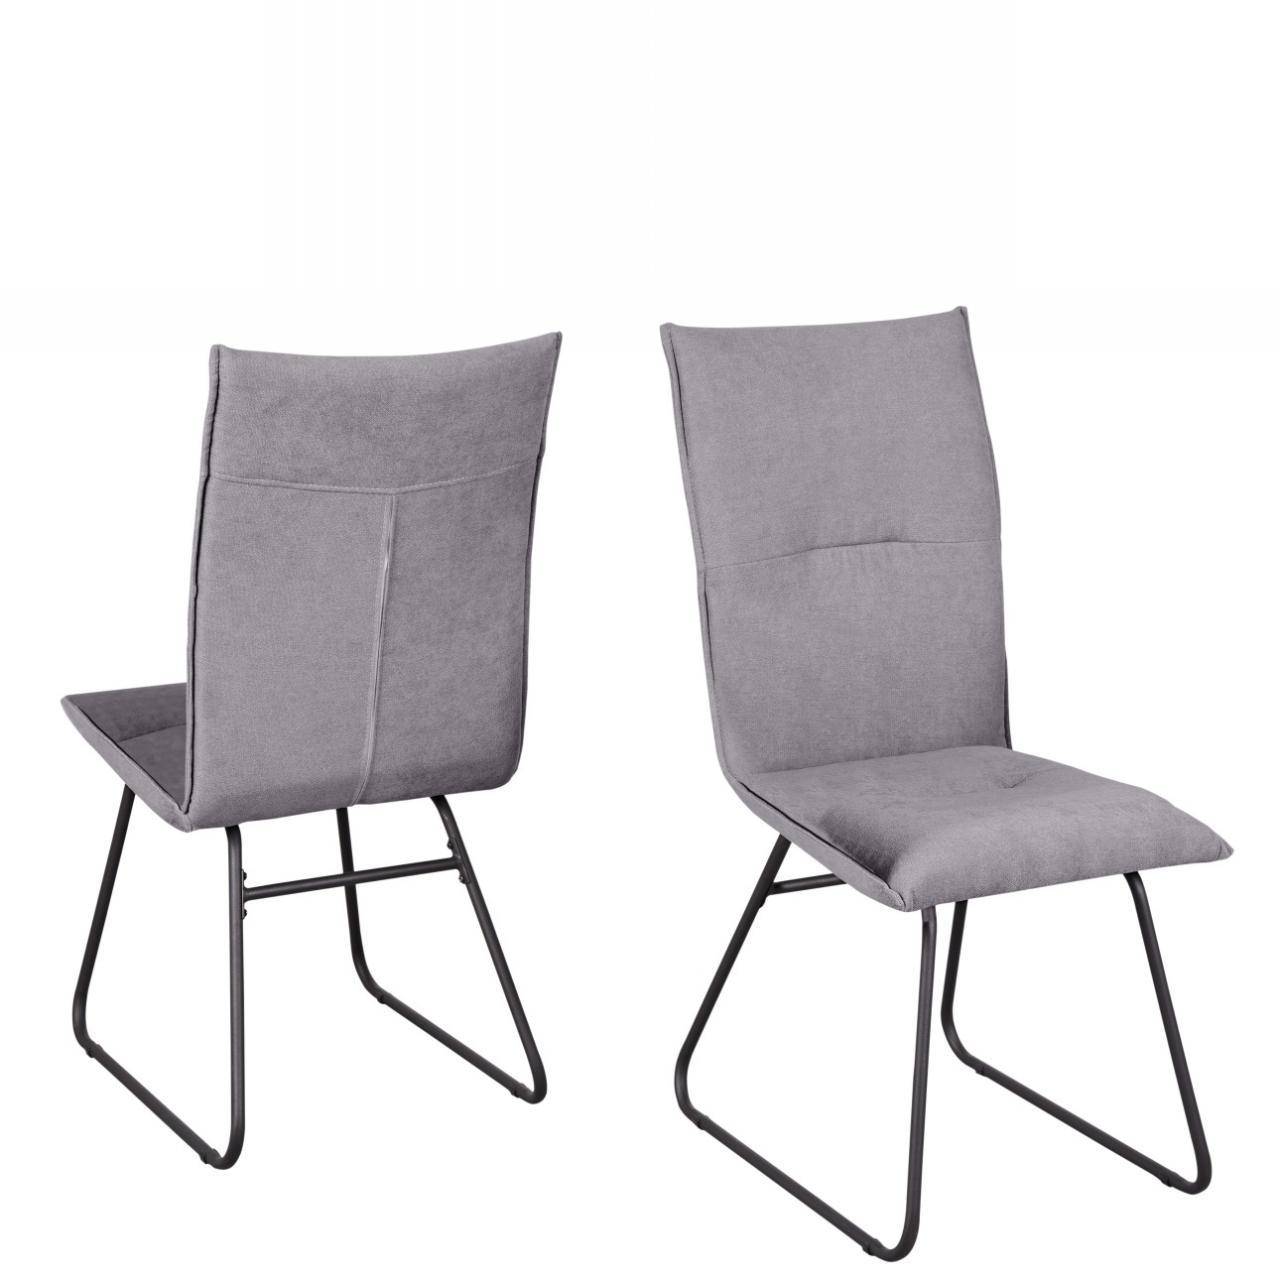 Stuhl Arona Küchenstuhl Esszimmerstuhl Stoff Metall Grau Schwarz